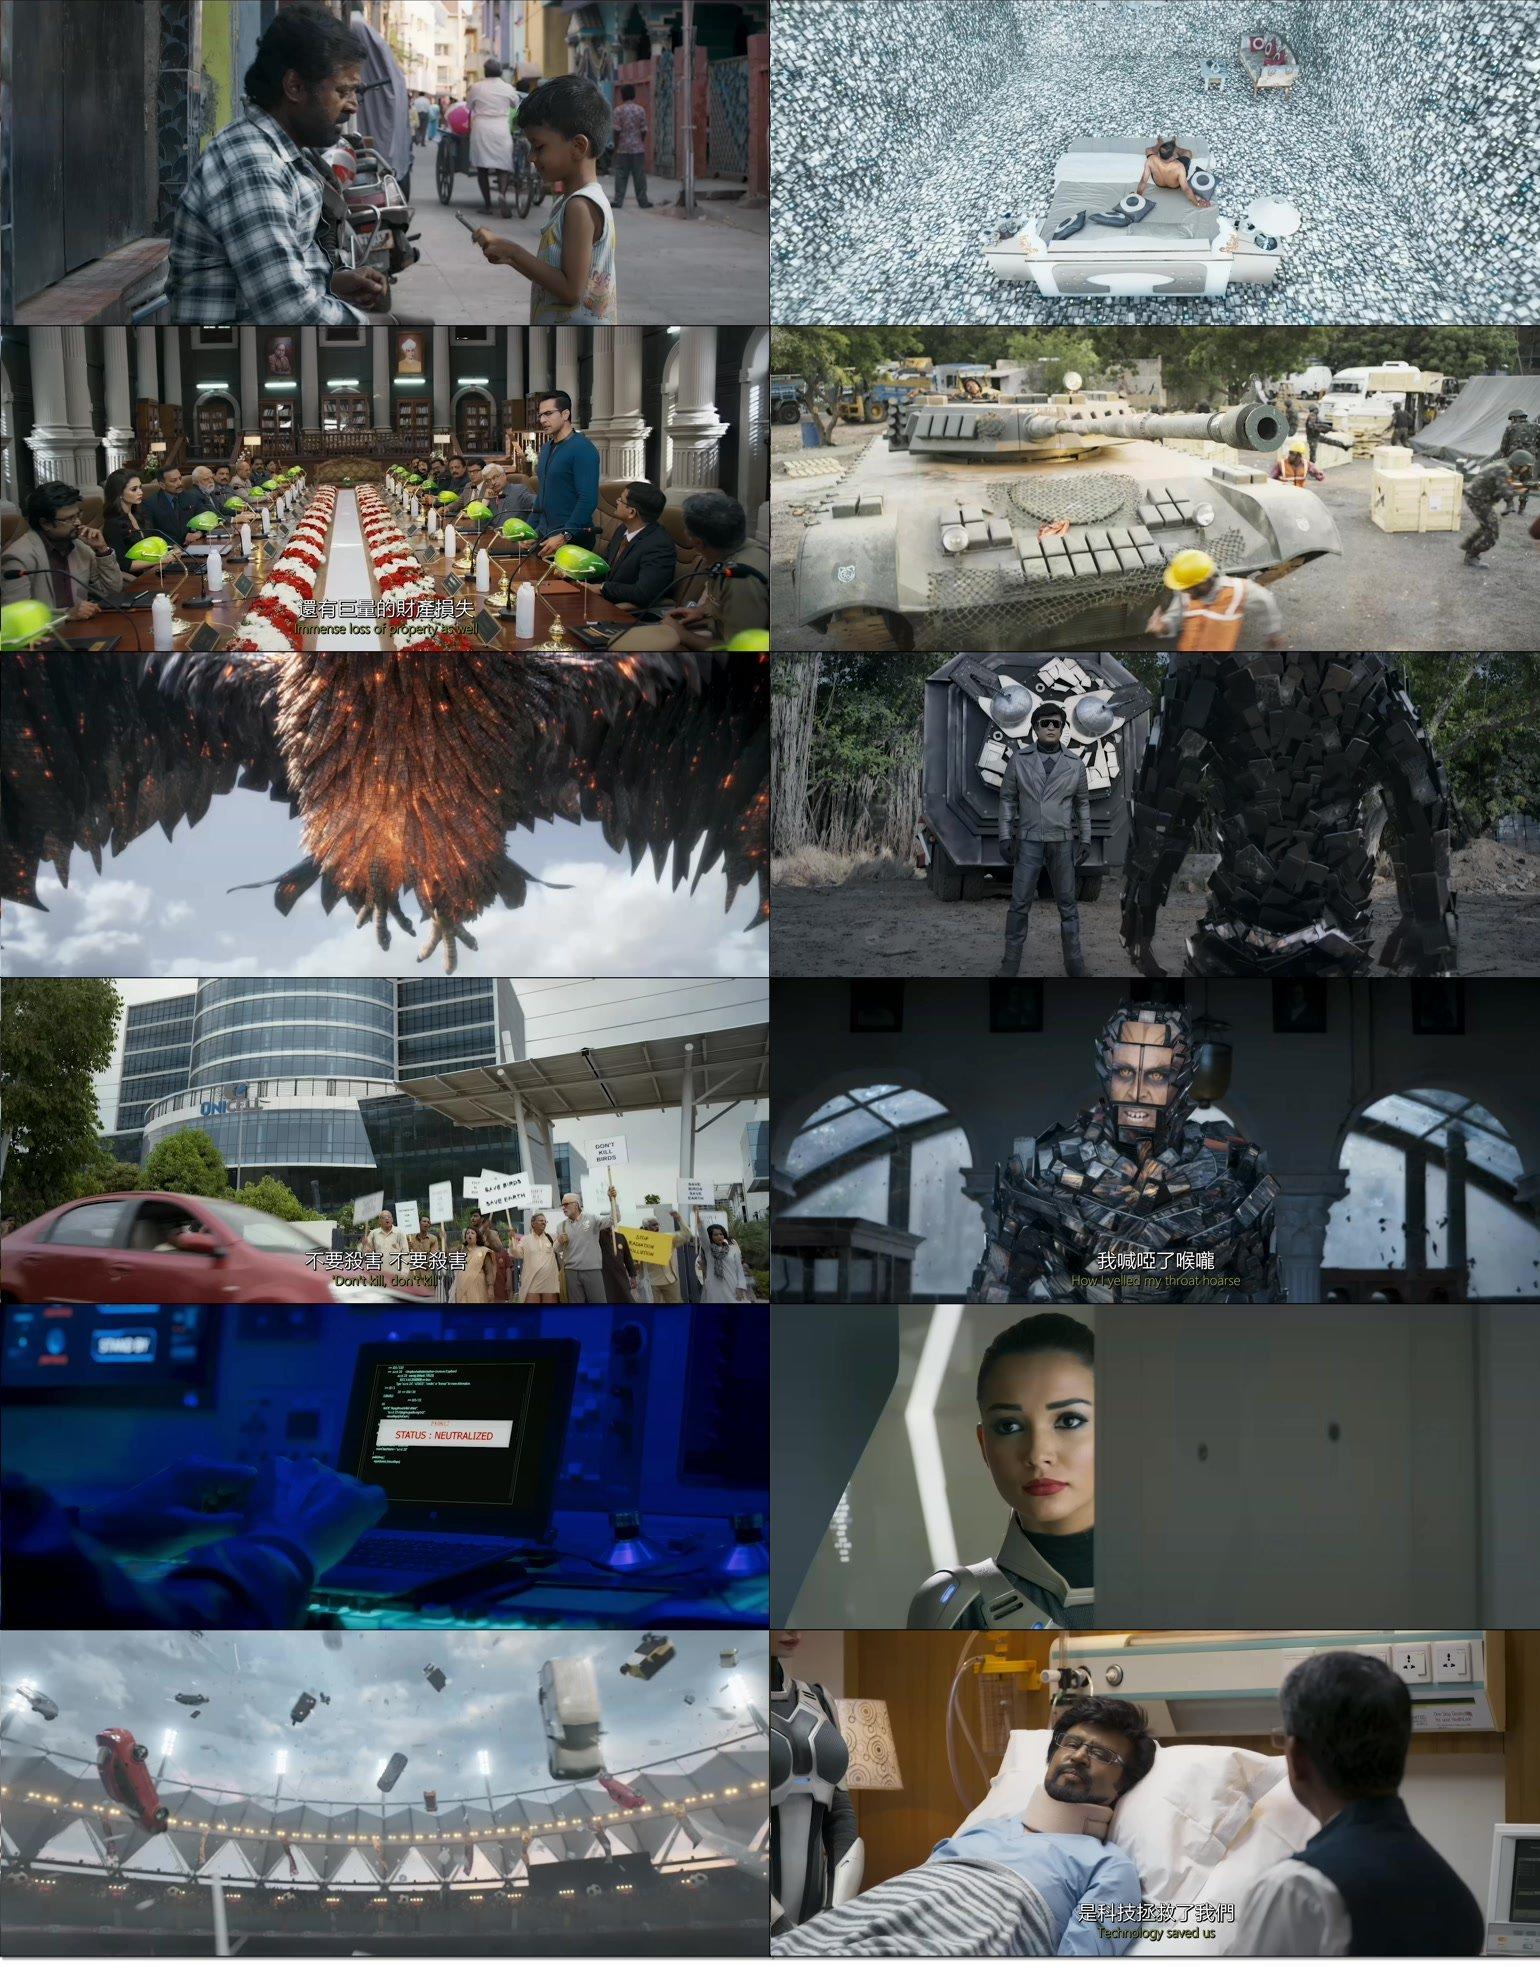 這邊是寶萊塢機器人2.0:重生歸來.2018.WEB-DL.1080p[MKV@7.1G@繁簡英]圖片的自定義alt信息;551441,735054,haokuku,63